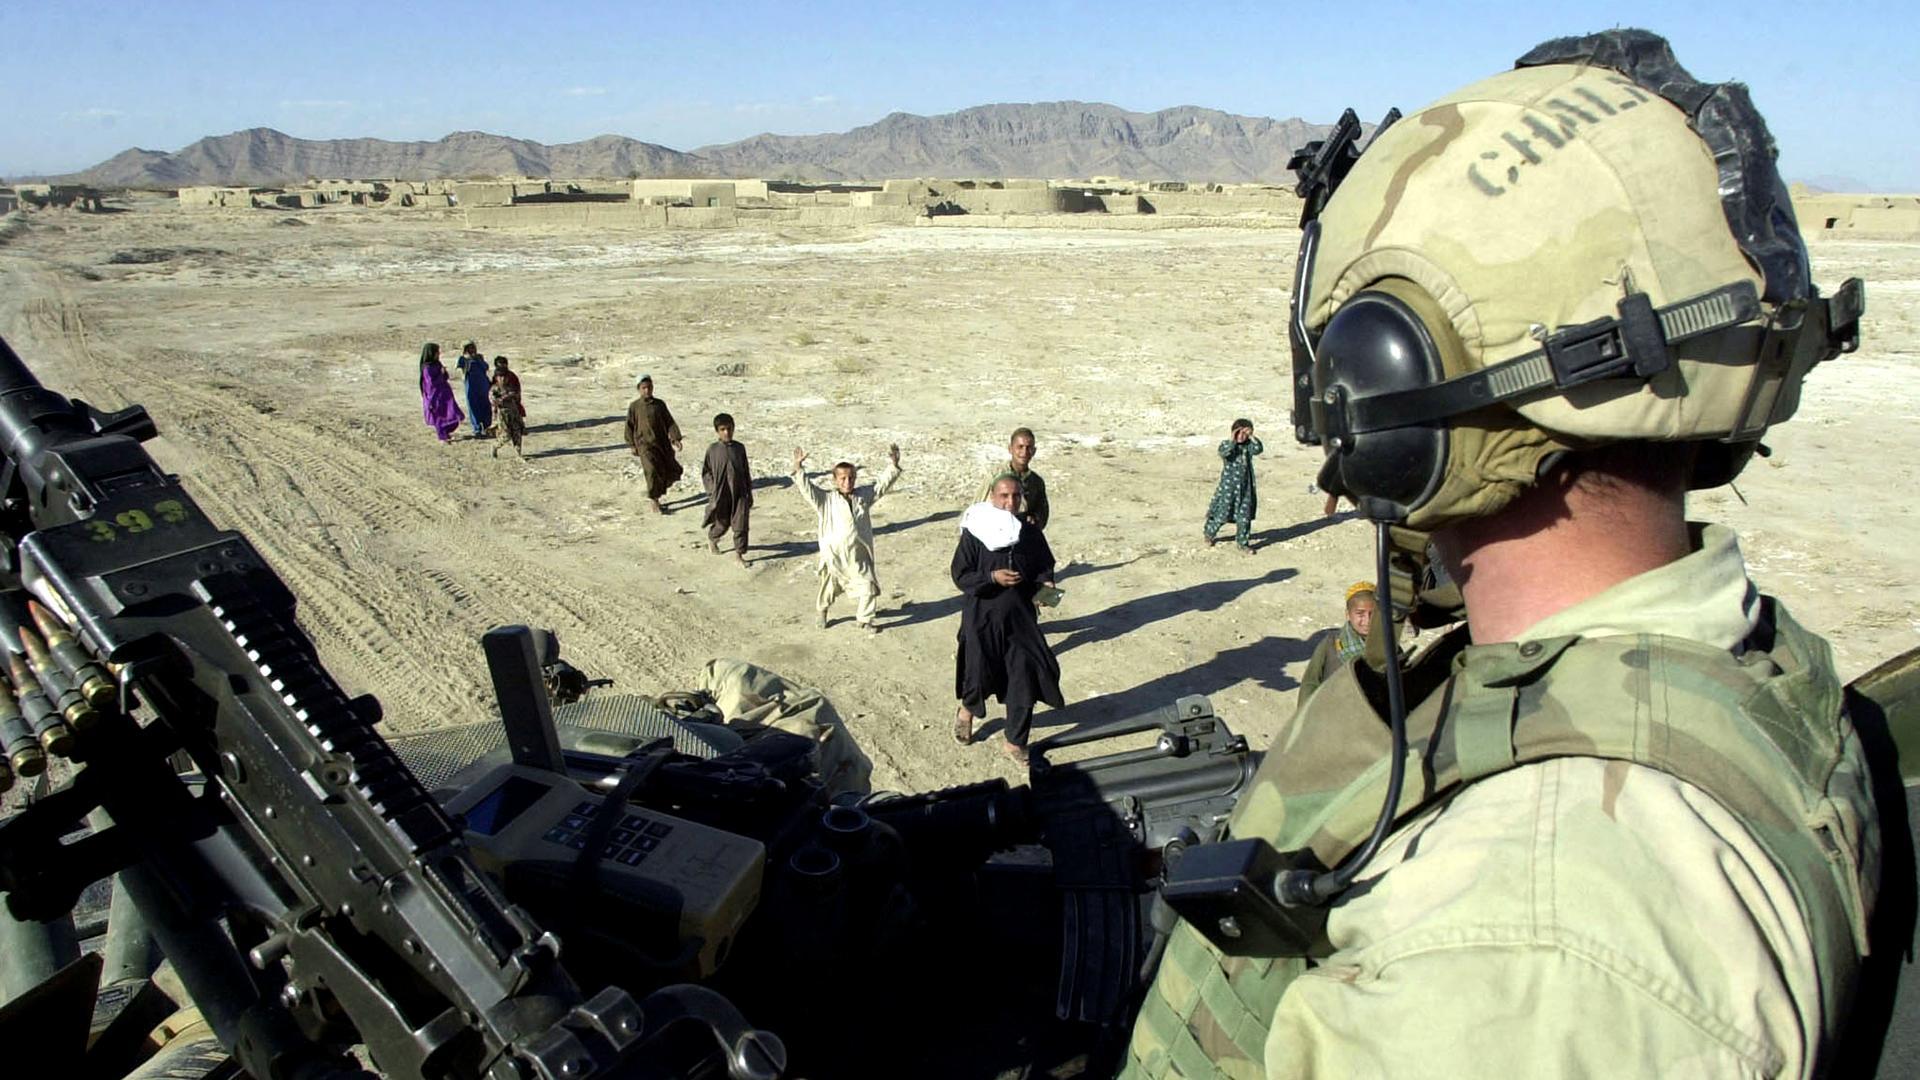 ООН зафиксировала рекордное число смертей гражданских лиц в Афганистане